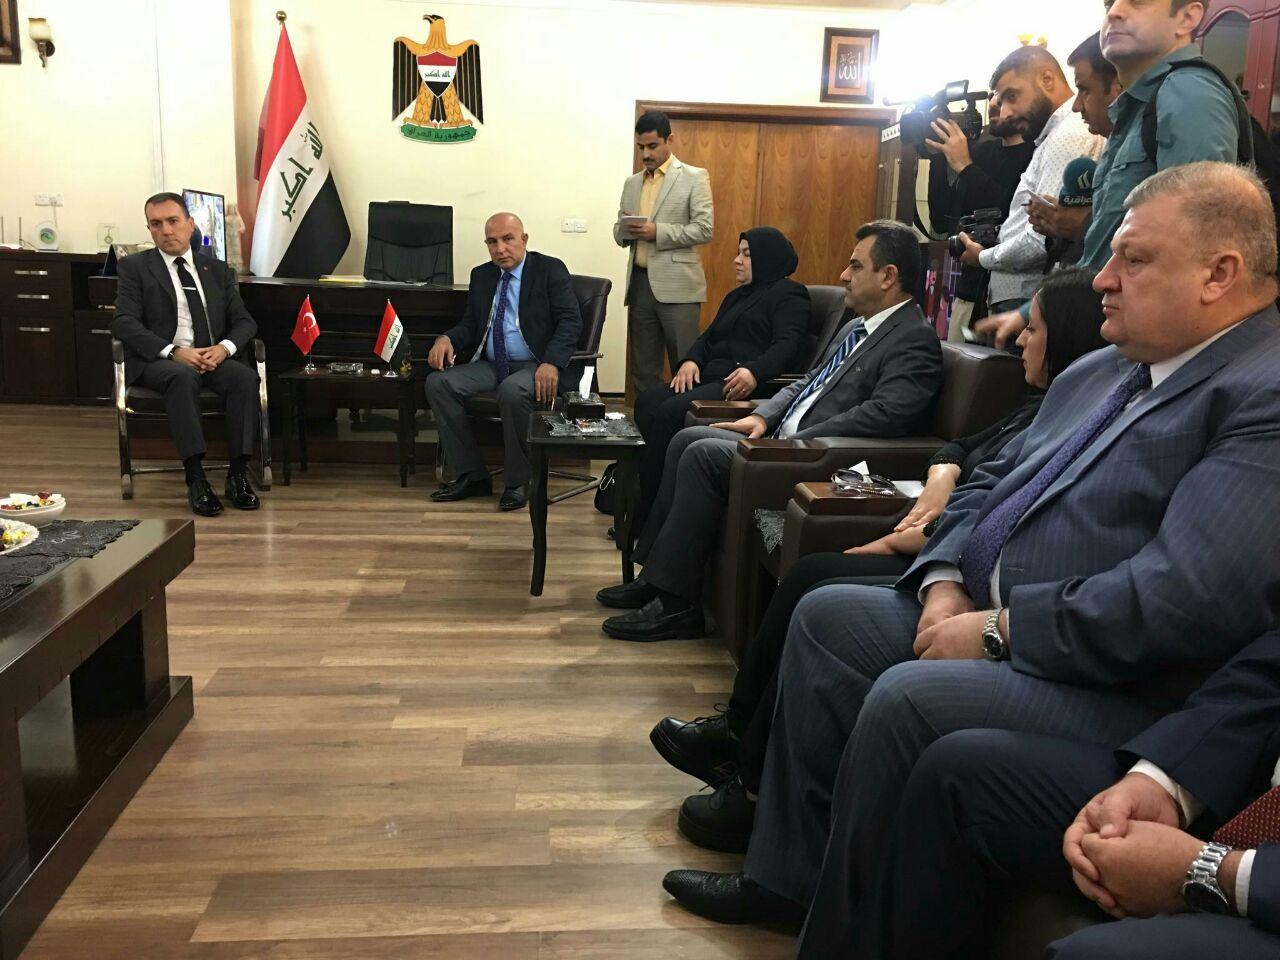 السفير التركي يصل الى الموصل لافتتاح قنصلية بلاده في المدينة